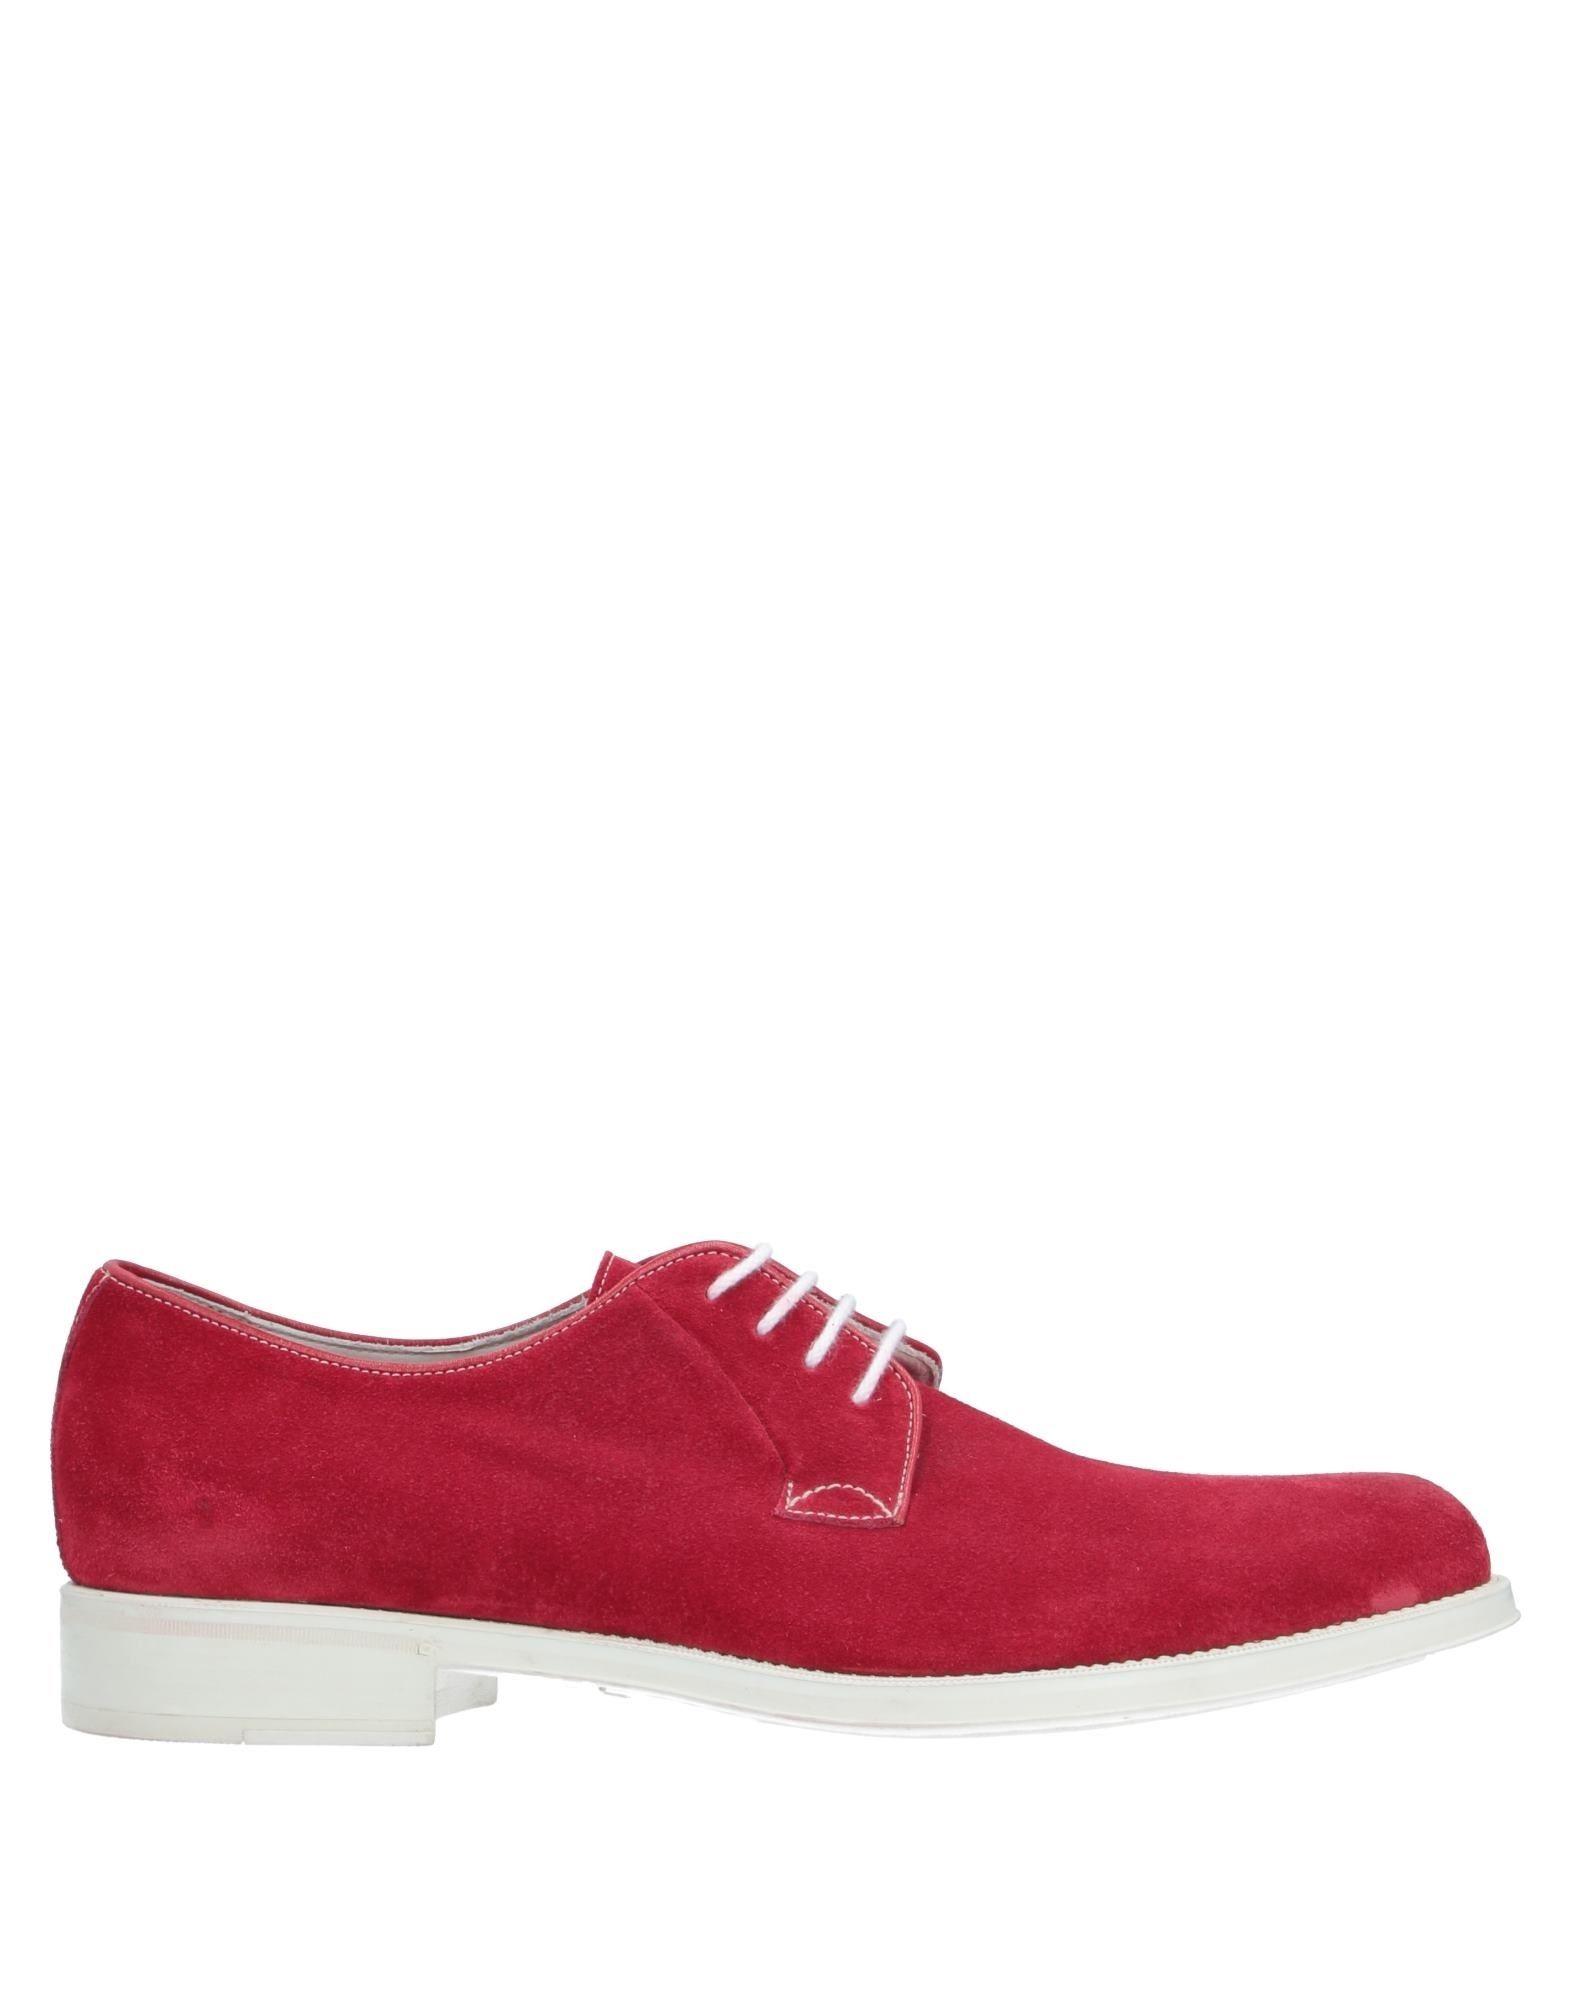 BARRETT Обувь на шнурках barrett обувь на шнурках